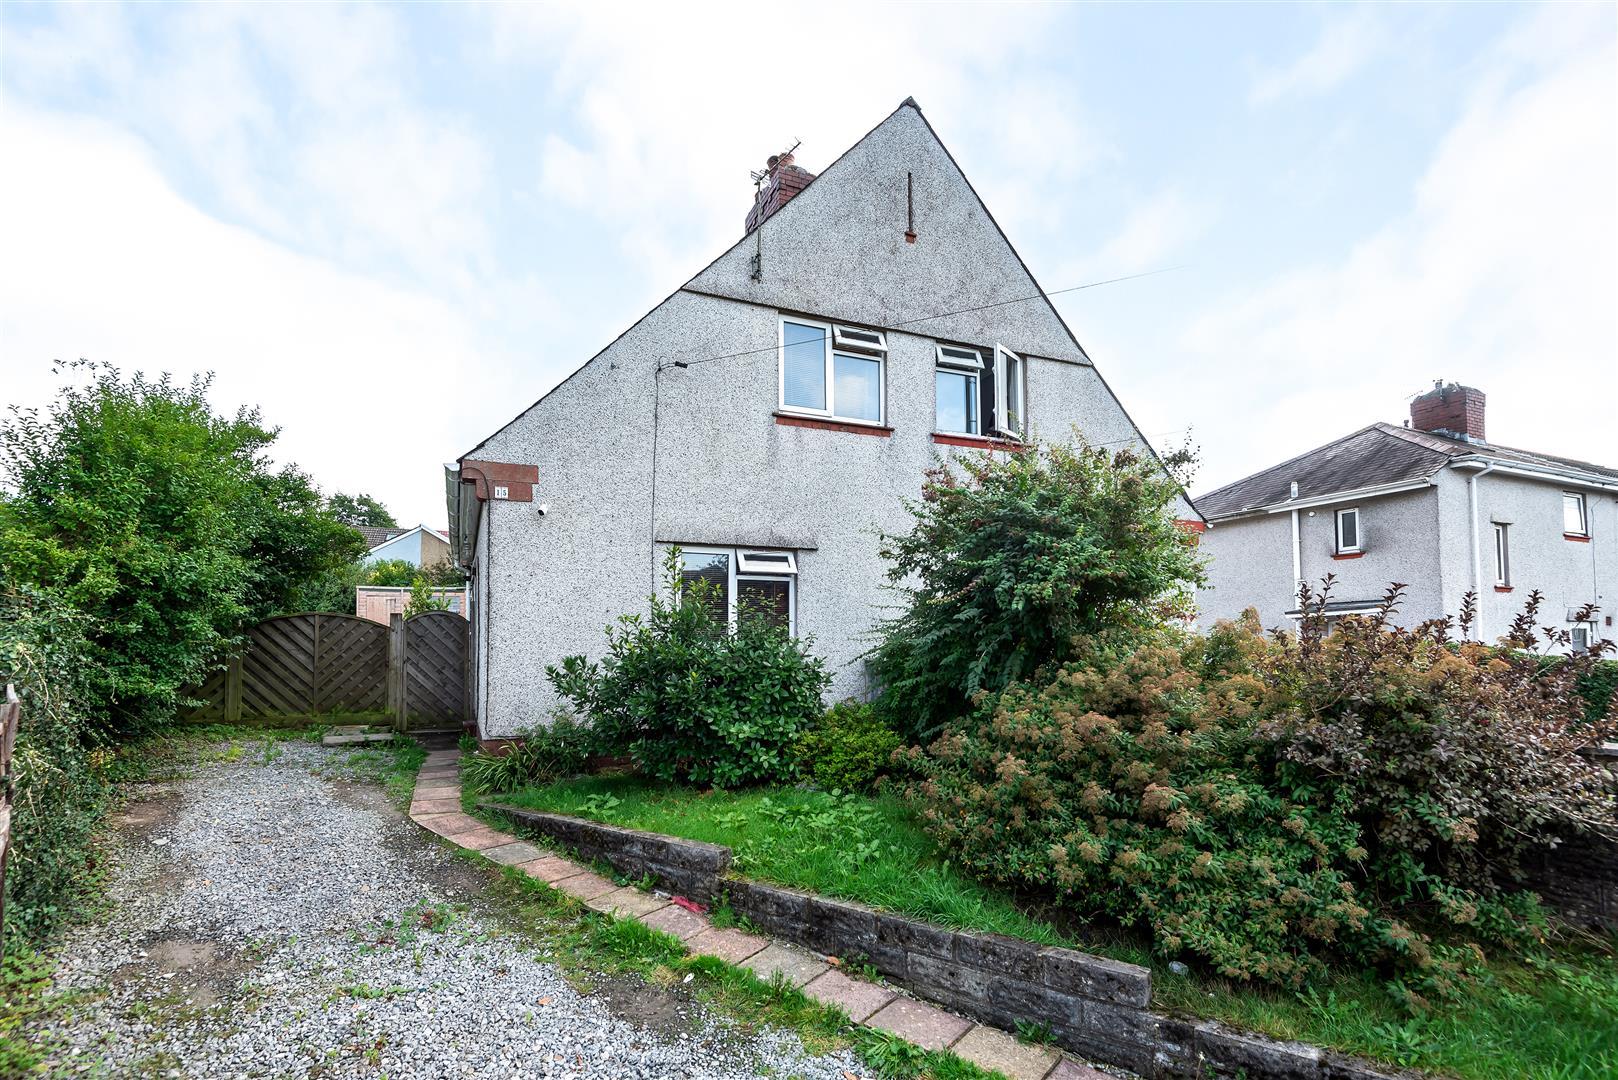 Elwy Gardens, Cockett, Swansea, SA2 0XD